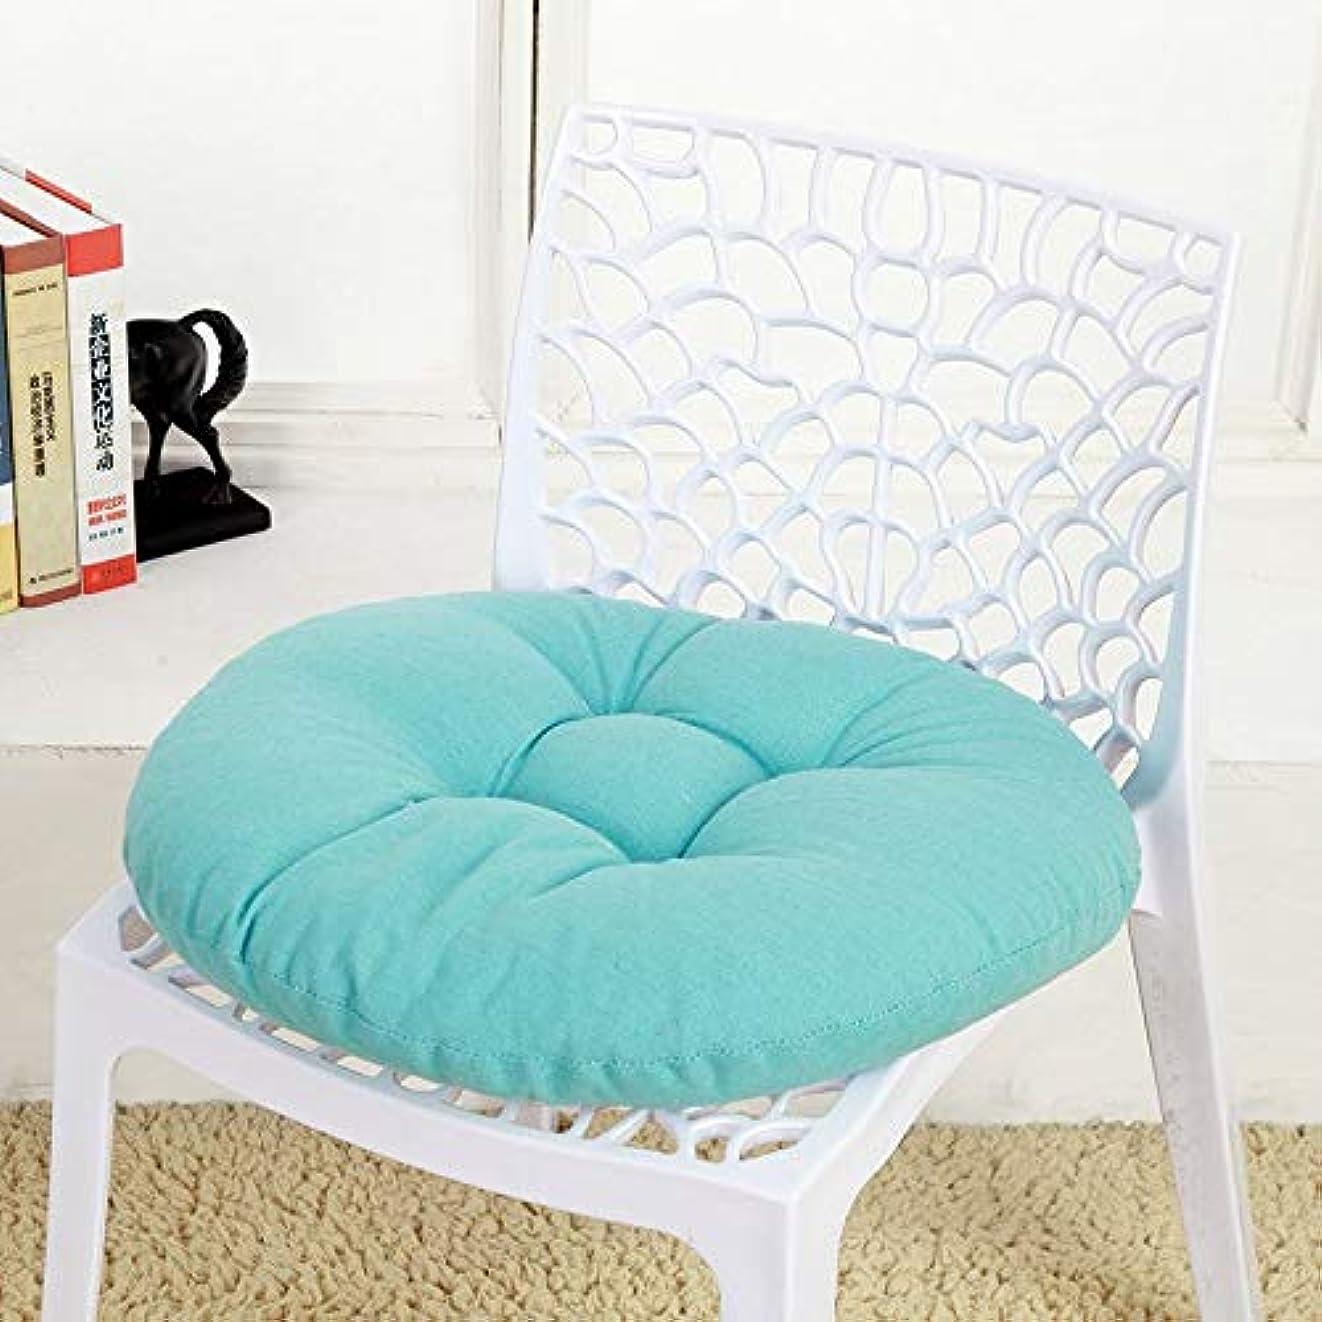 かごきつく霧深いLIFE キャンディカラーのクッションラウンドシートクッション波ウィンドウシートクッションクッション家の装飾パッドラウンド枕シート枕椅子座る枕 クッション 椅子